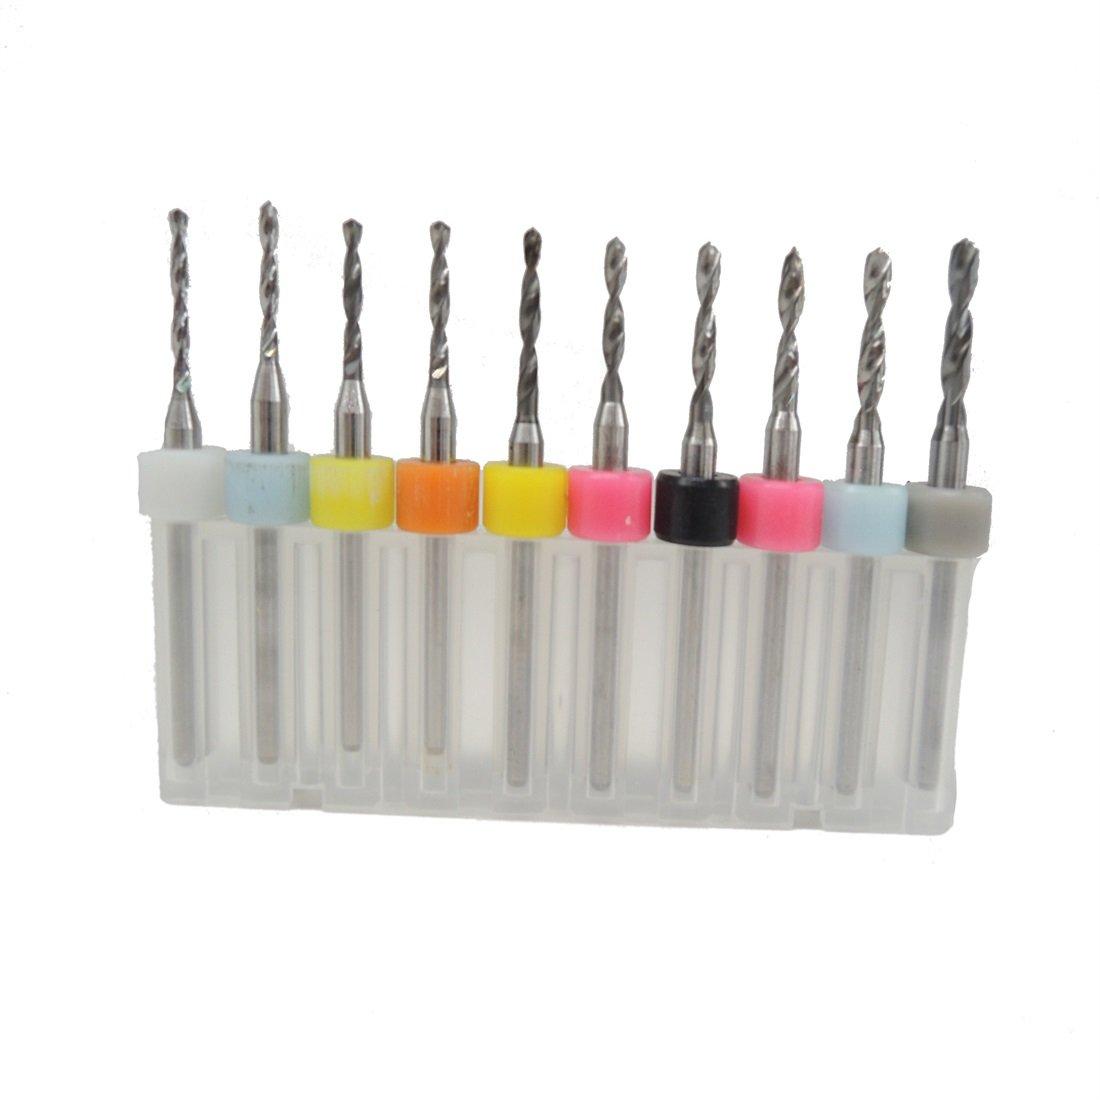 10pcs / Set 1.5mm zu 2.4mm harte Legierungs-PCB Drucken-Leiterplatte-Carbide-Mikrobohrgerät-Werkzeug-Werkzeug